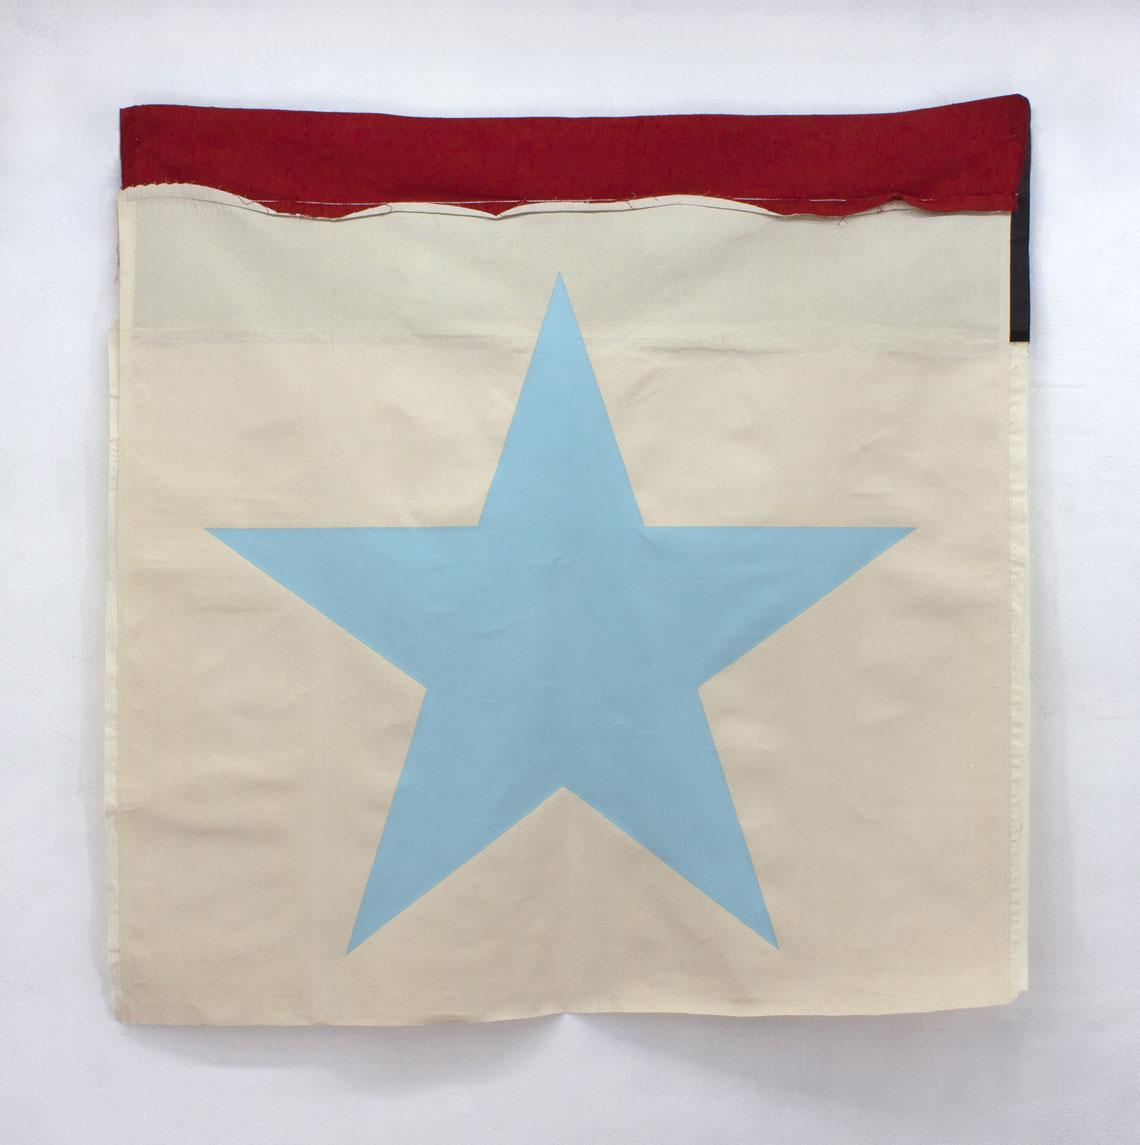 Blue star on a flag